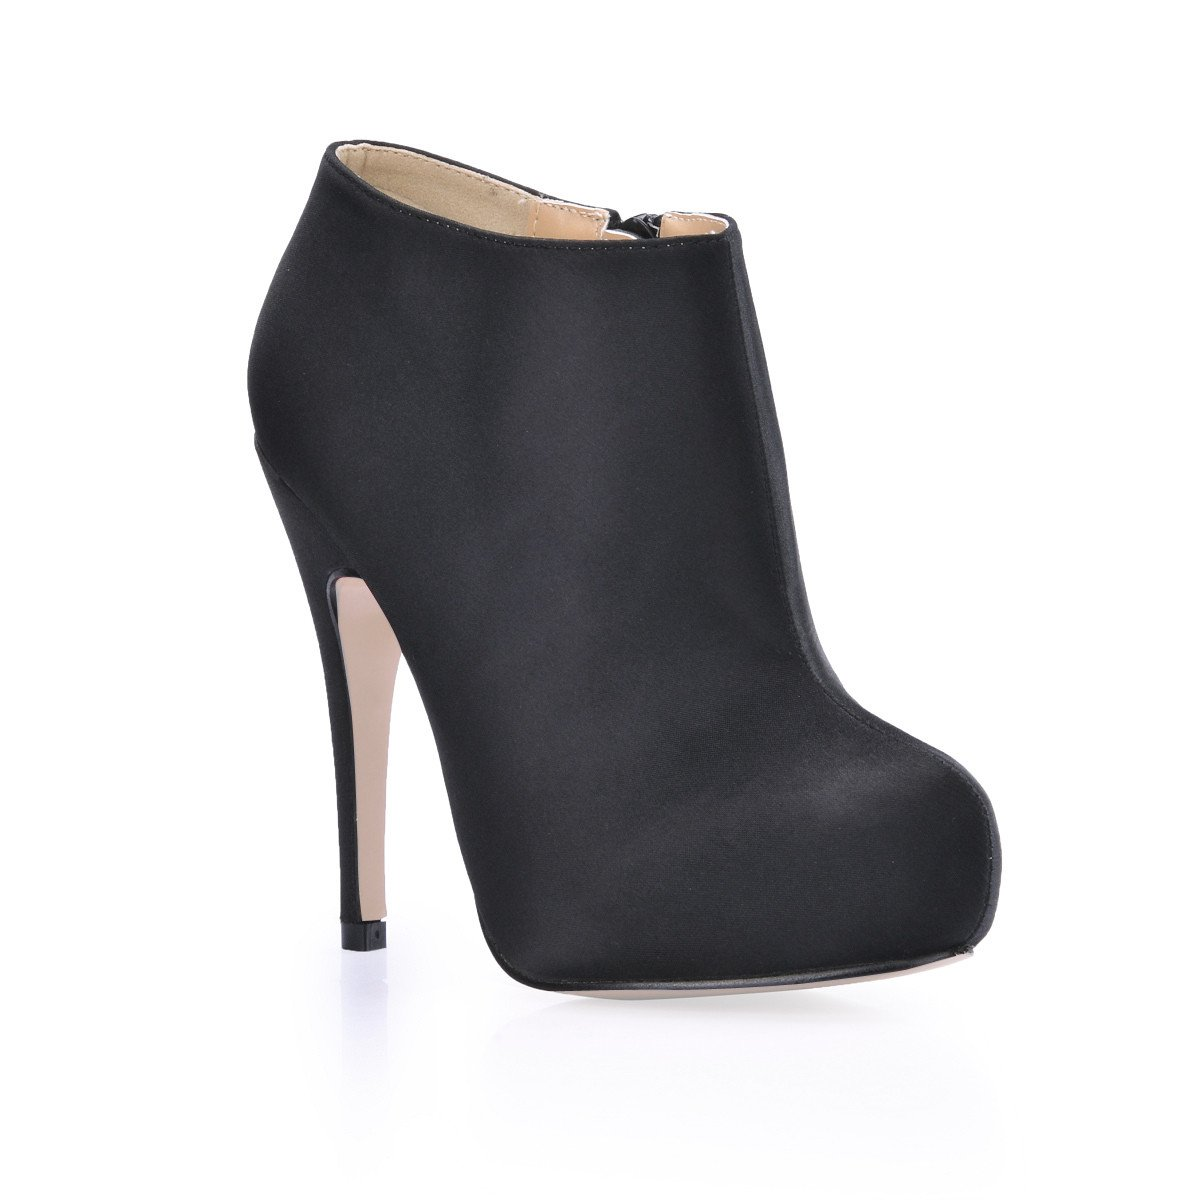 Noir Appuyez sur le nouveau haut-chaussures de talon et boîtes de nuit sexy chaussure rouge sauvage noir OL Ladies démarrage US10.5   EU42   UK8.5   CN43